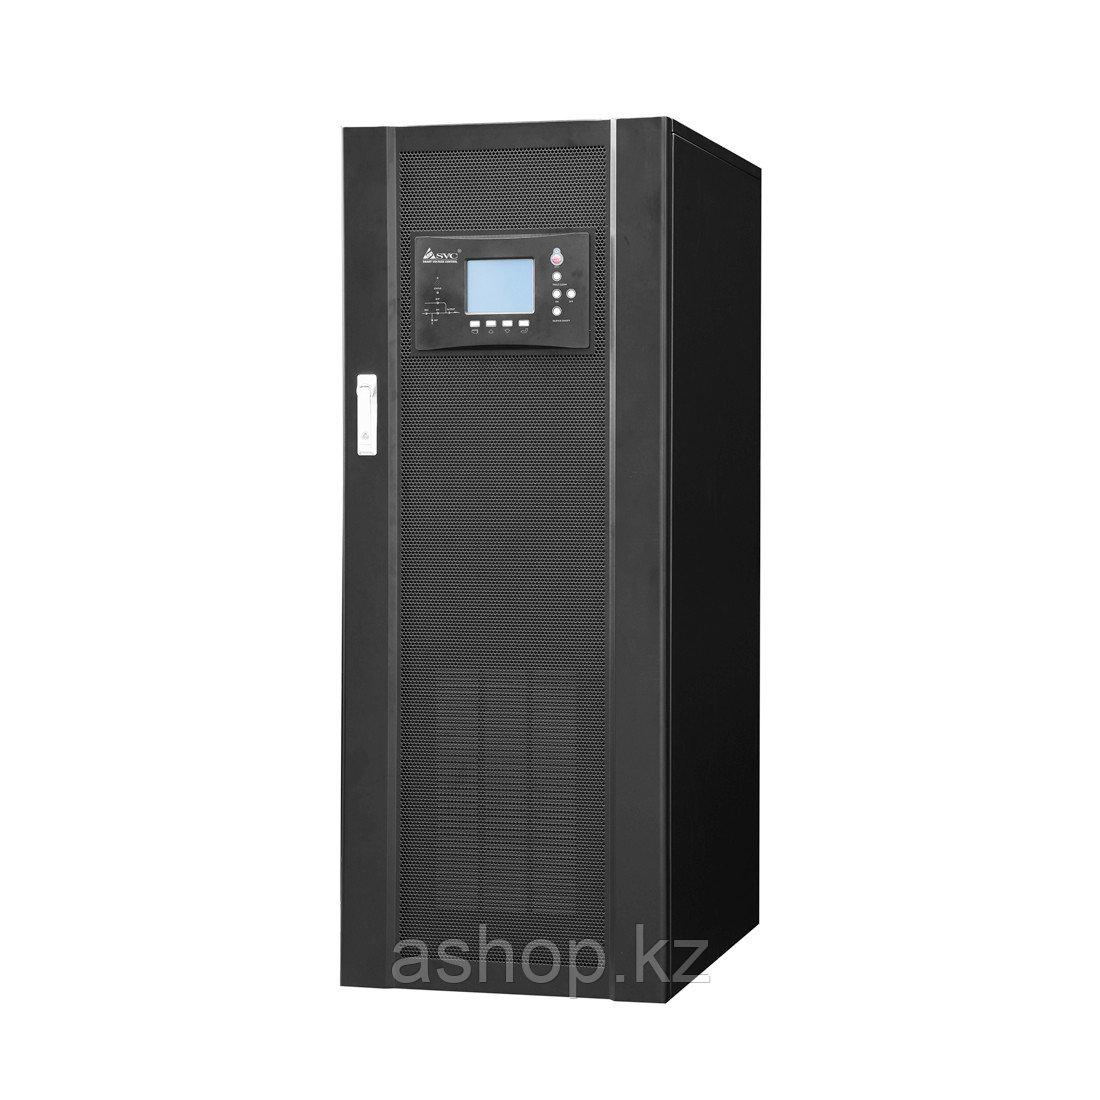 Инвертор SPV SPV-L-40000, Мощность нагрузки: 40 кВА, Питание: 380 В, 50 Гц, Выход: 380 В, Клемма, Чёрный